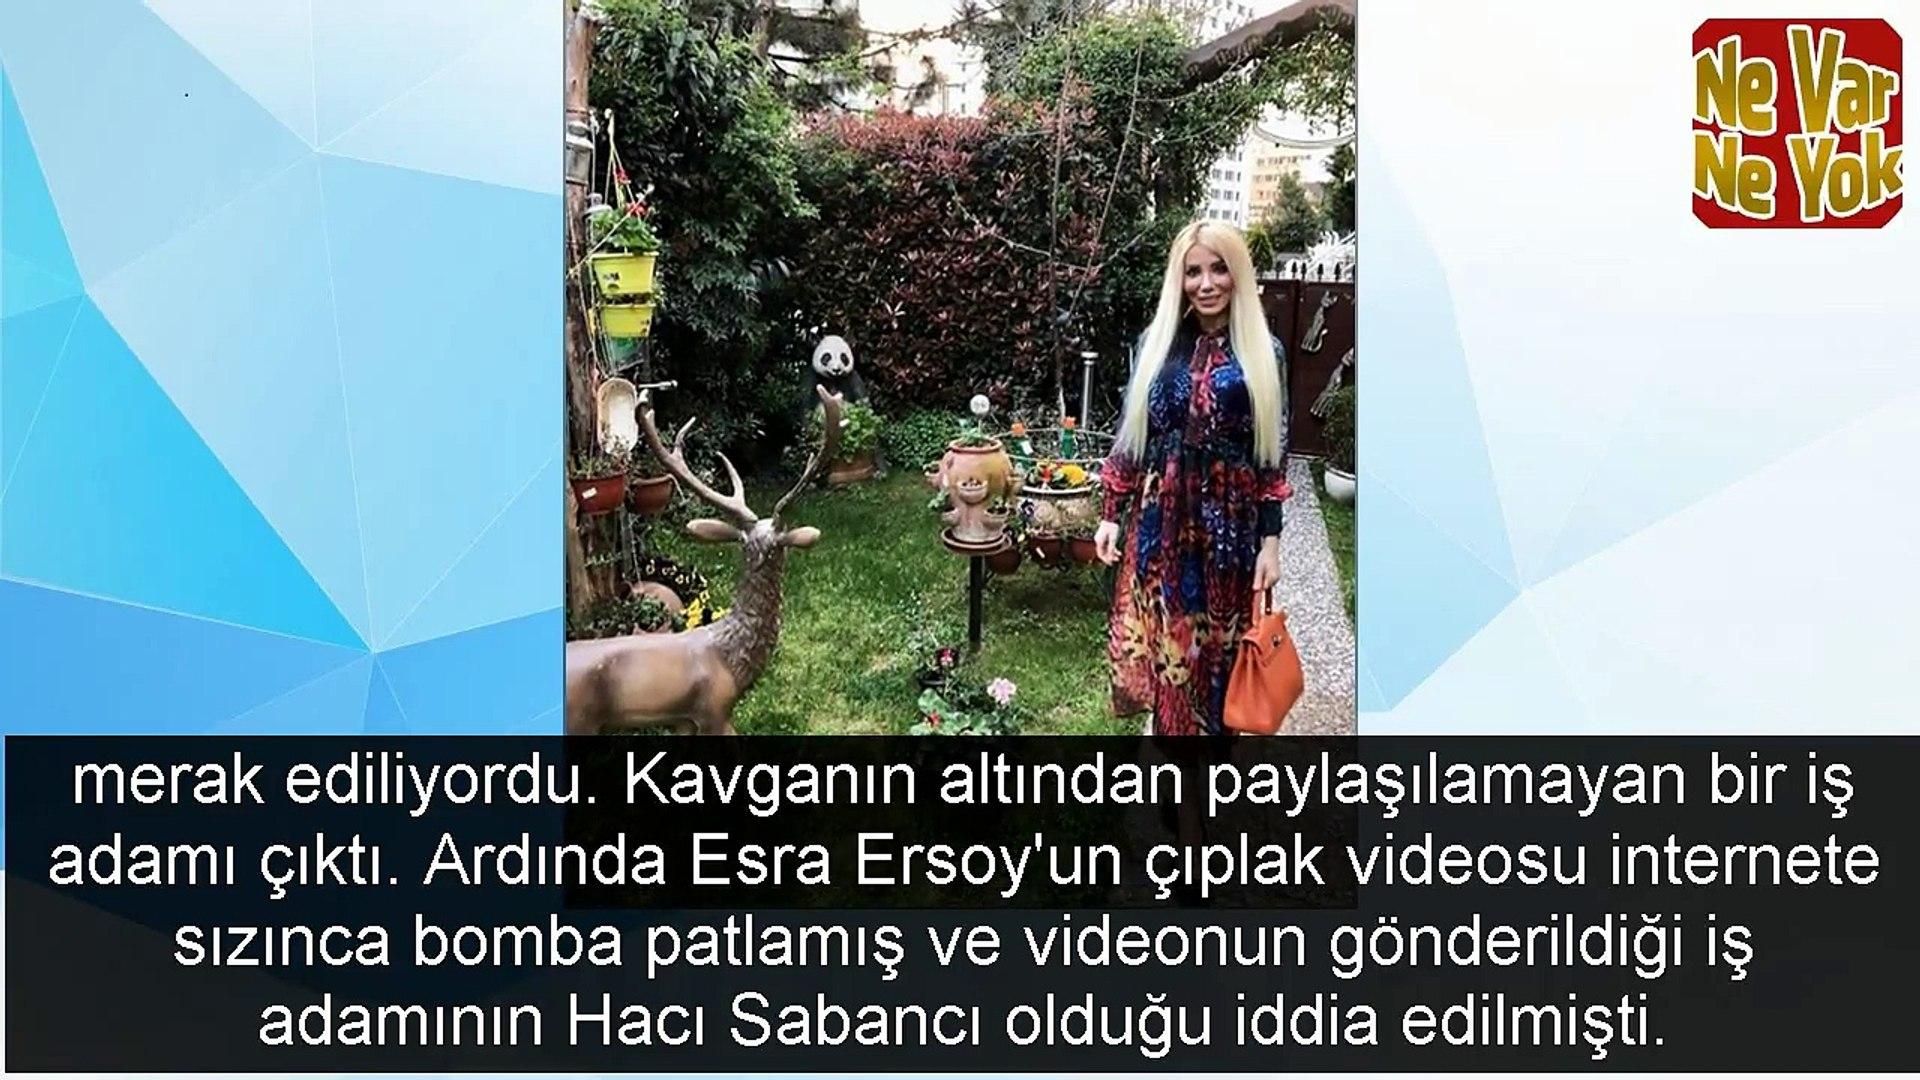 Çıplak videosu ifşa olan Ciciş Esra Ersoy Bilseydim başka bir şey isterdim